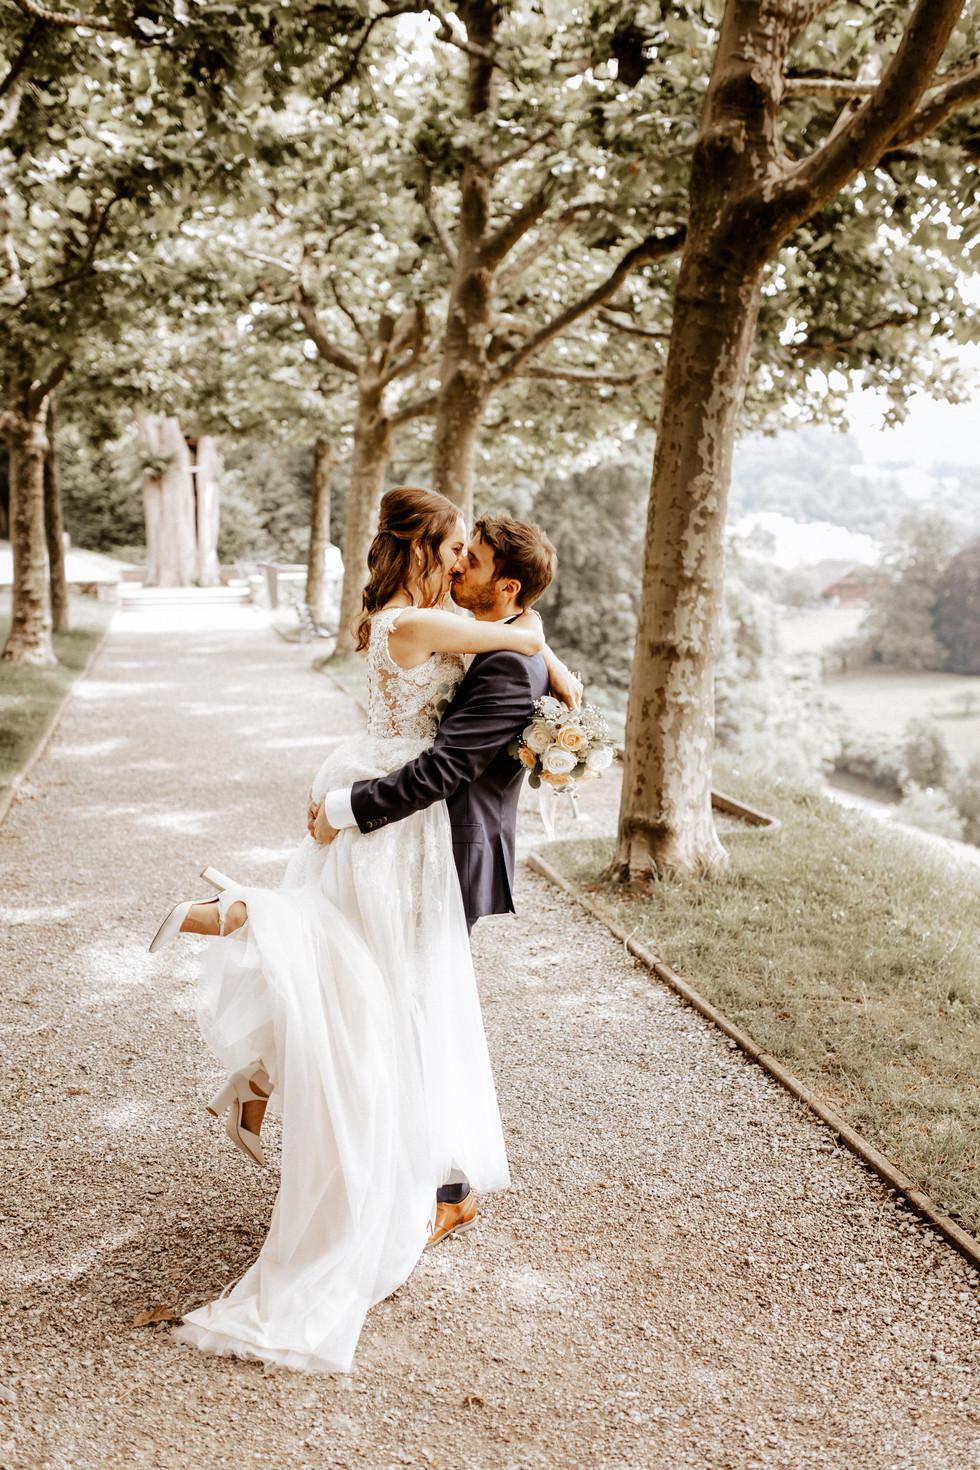 Brautpaarshooting beim im Waldg